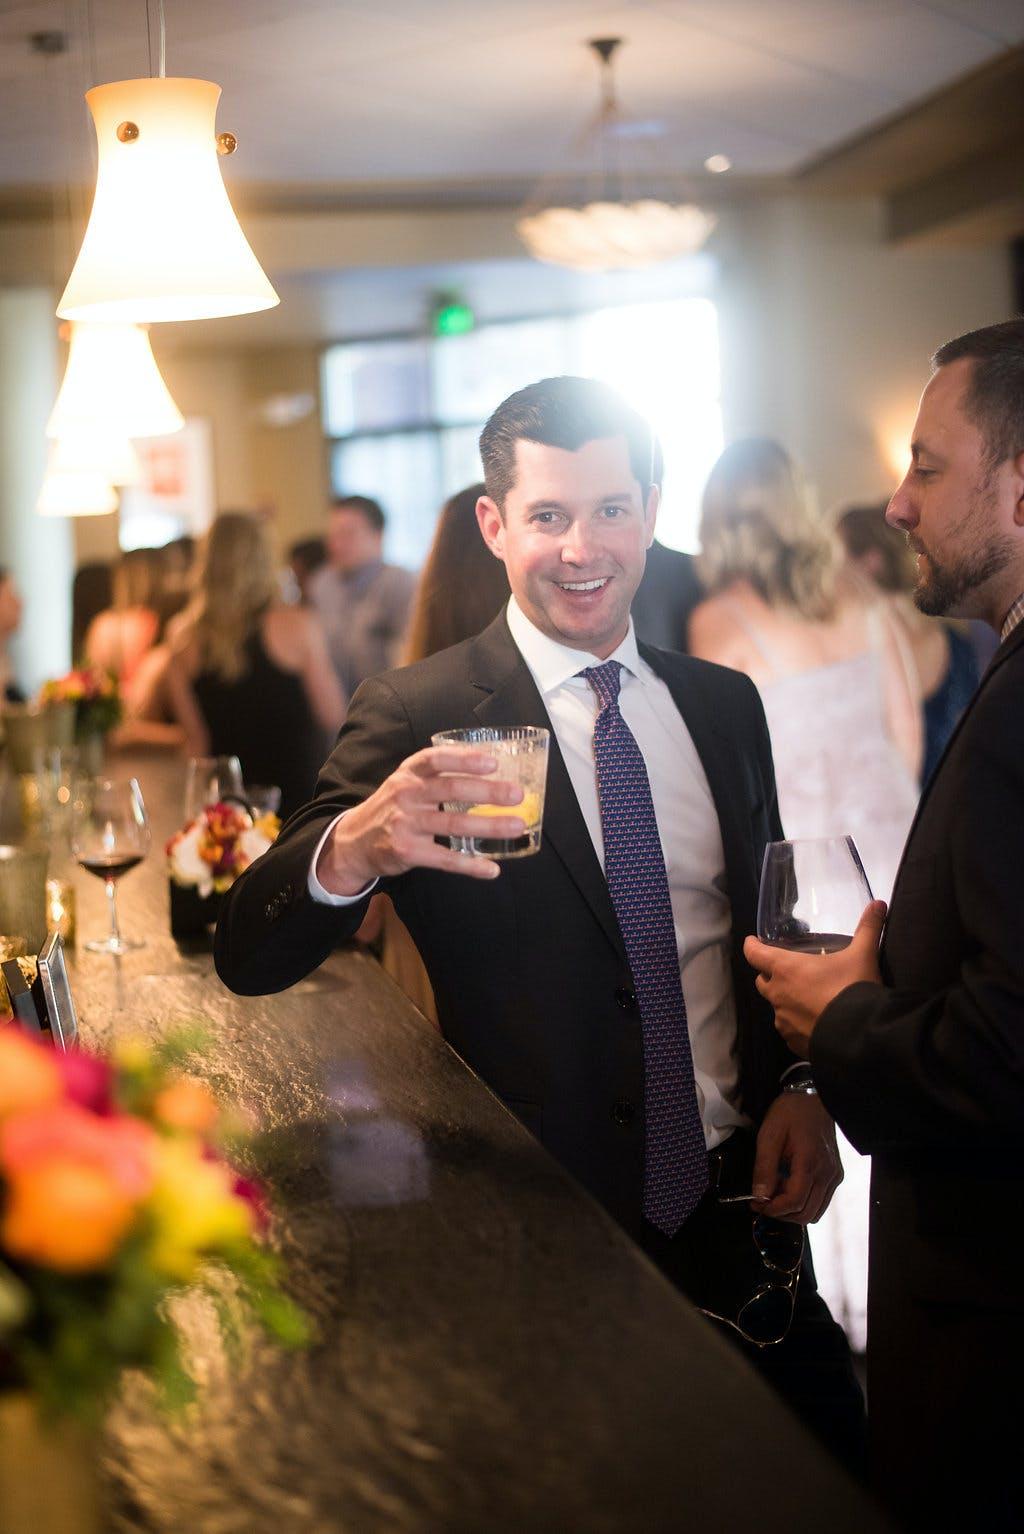 Larkspur Wedding Venue Vail Colorado Mountain Patio Outdoors Bar Cheers